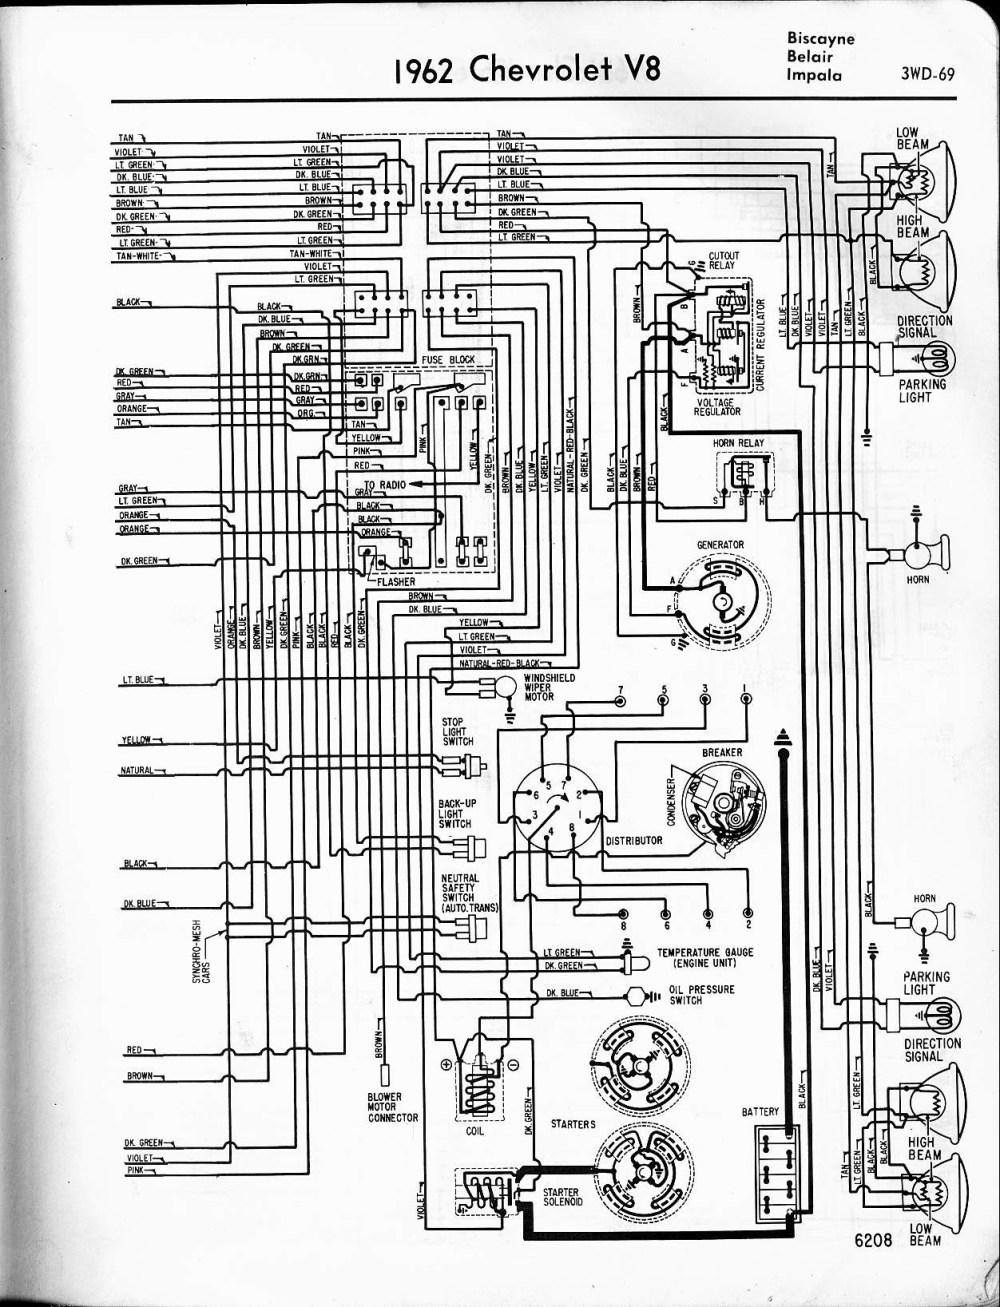 medium resolution of 1962 chevrolet impala starter wiring wiring diagram 1963 chevrolet impala interior 1962 chevrolet impala starter wiring